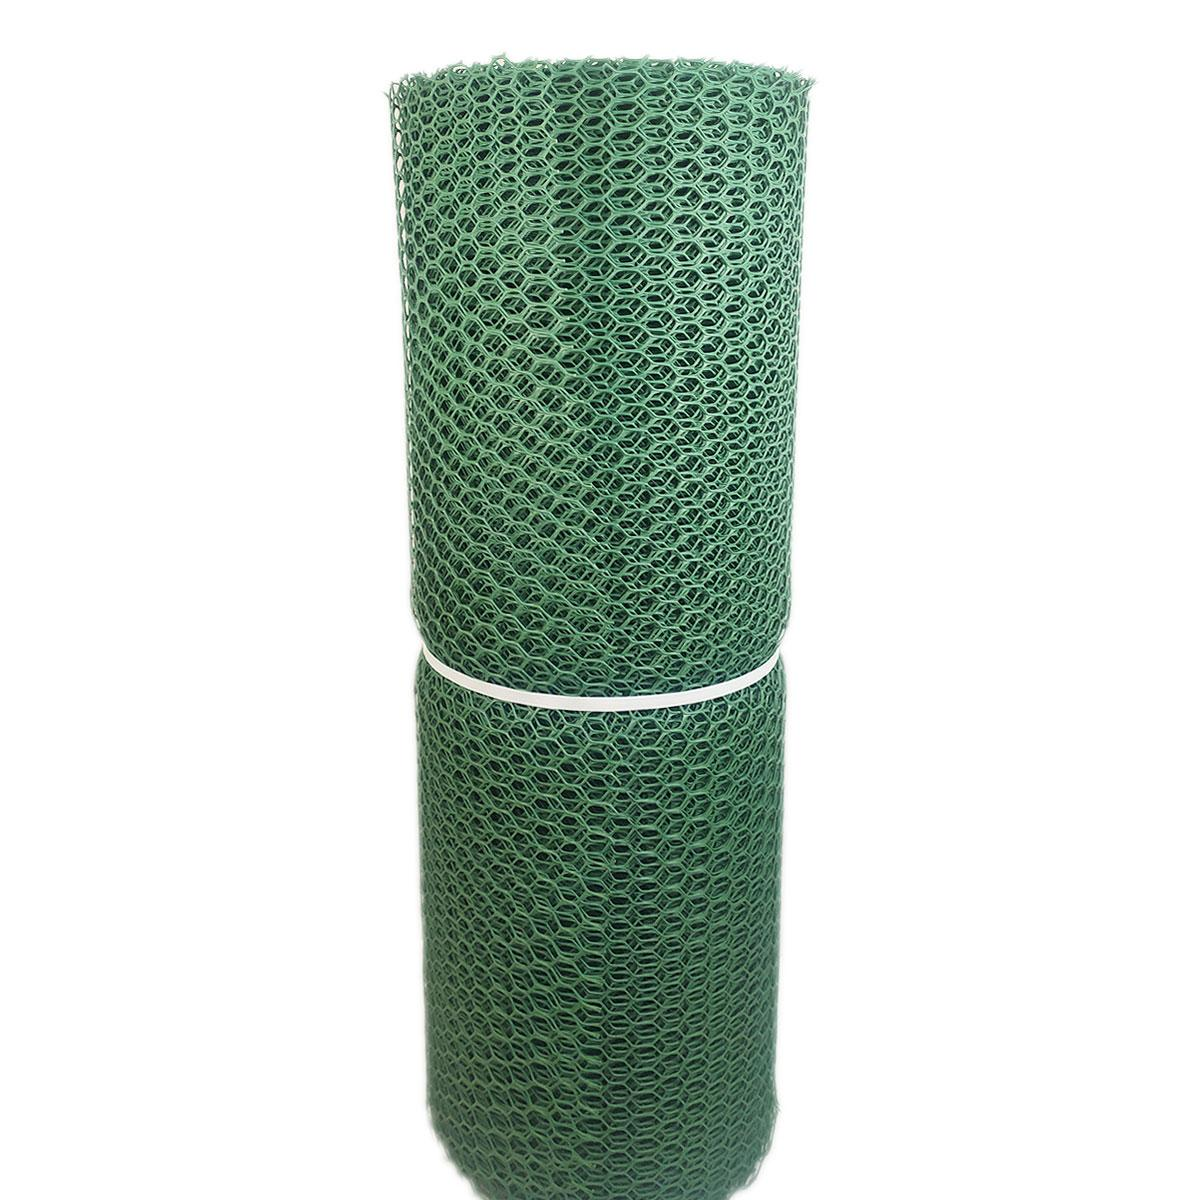 Сетка для защиты деревьев и плодовых кустов от птиц высота 1.2 м х 30 м ячейка 20х20 мм (темно-зеленая).